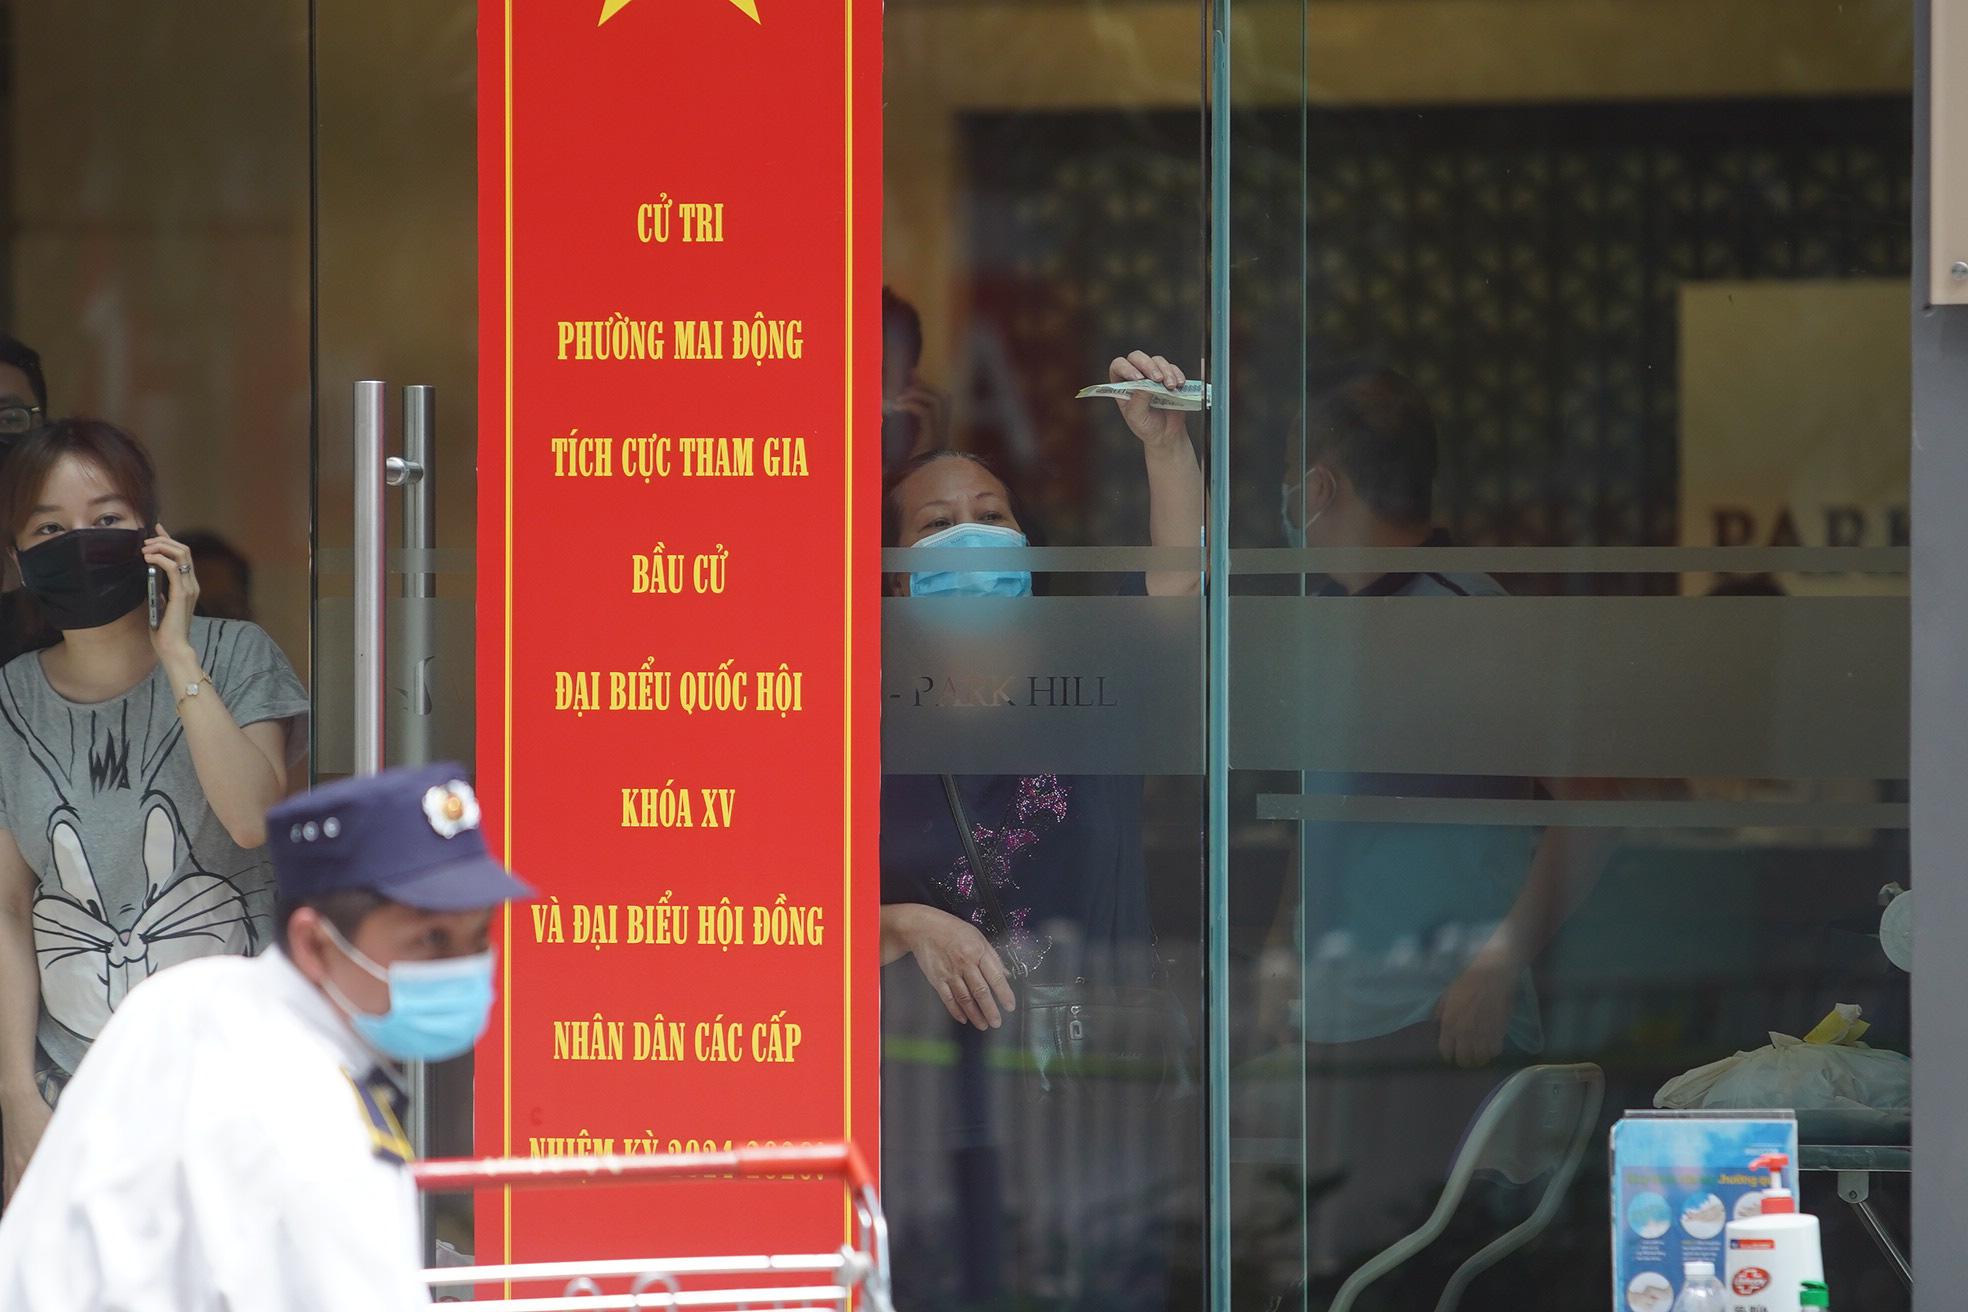 Phong tỏa, tiếp tế đồ ăn chung cư ở Times City có chuyên gia Ấn Độ dương tính với SARS-CoV-2 - Ảnh 6.